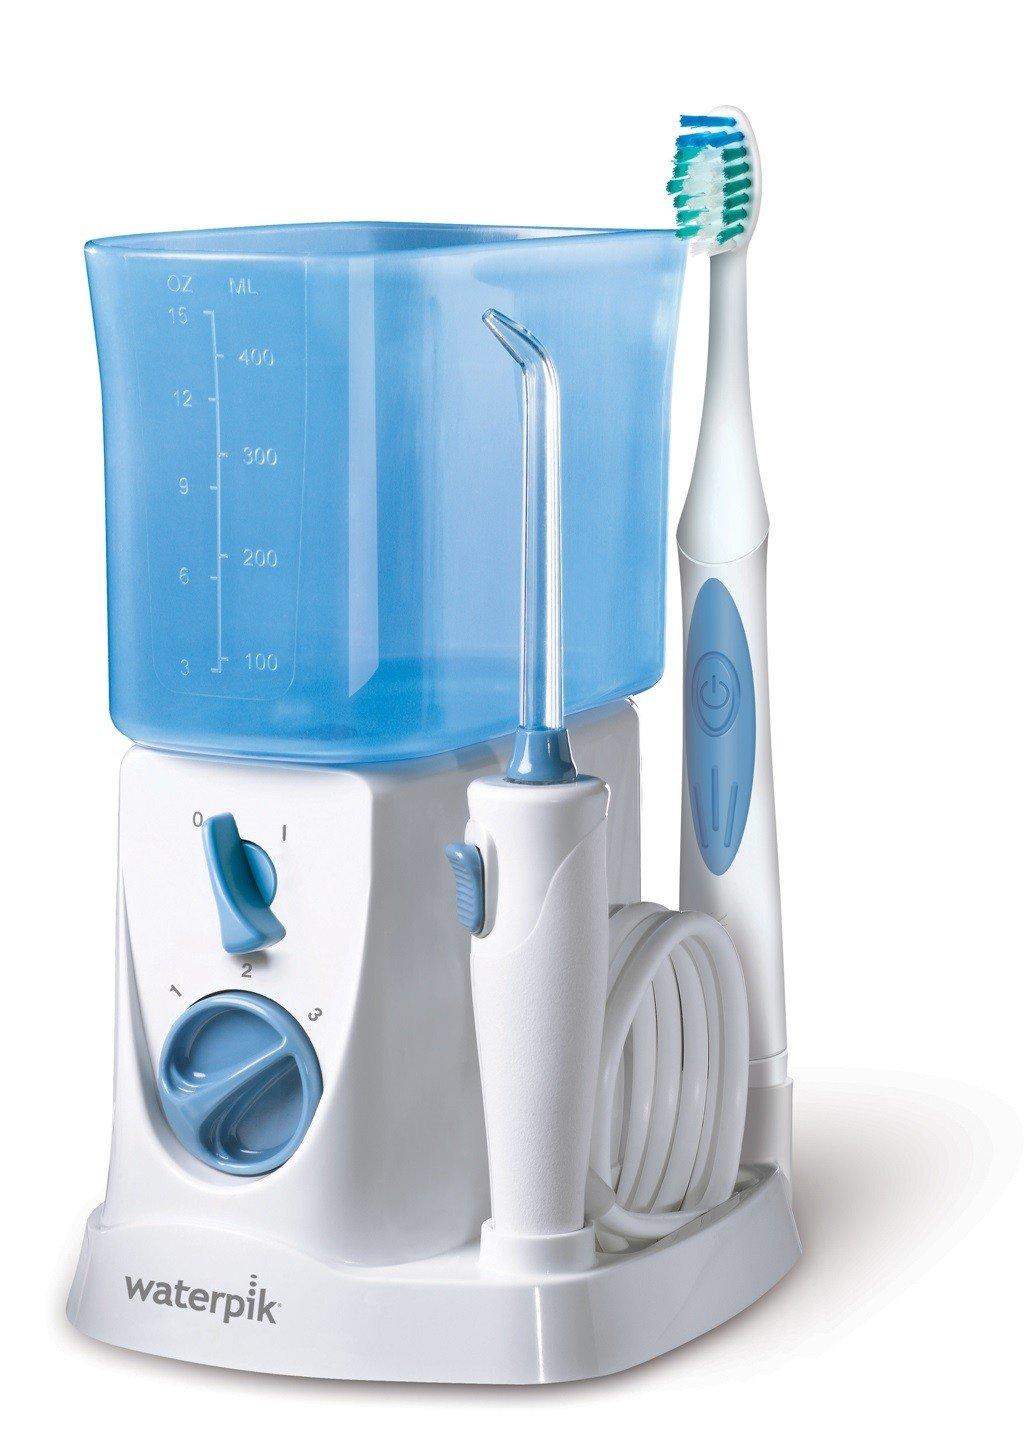 Waterpik - Idropulsore con spazzolino Sonic modello WP700 WP 700